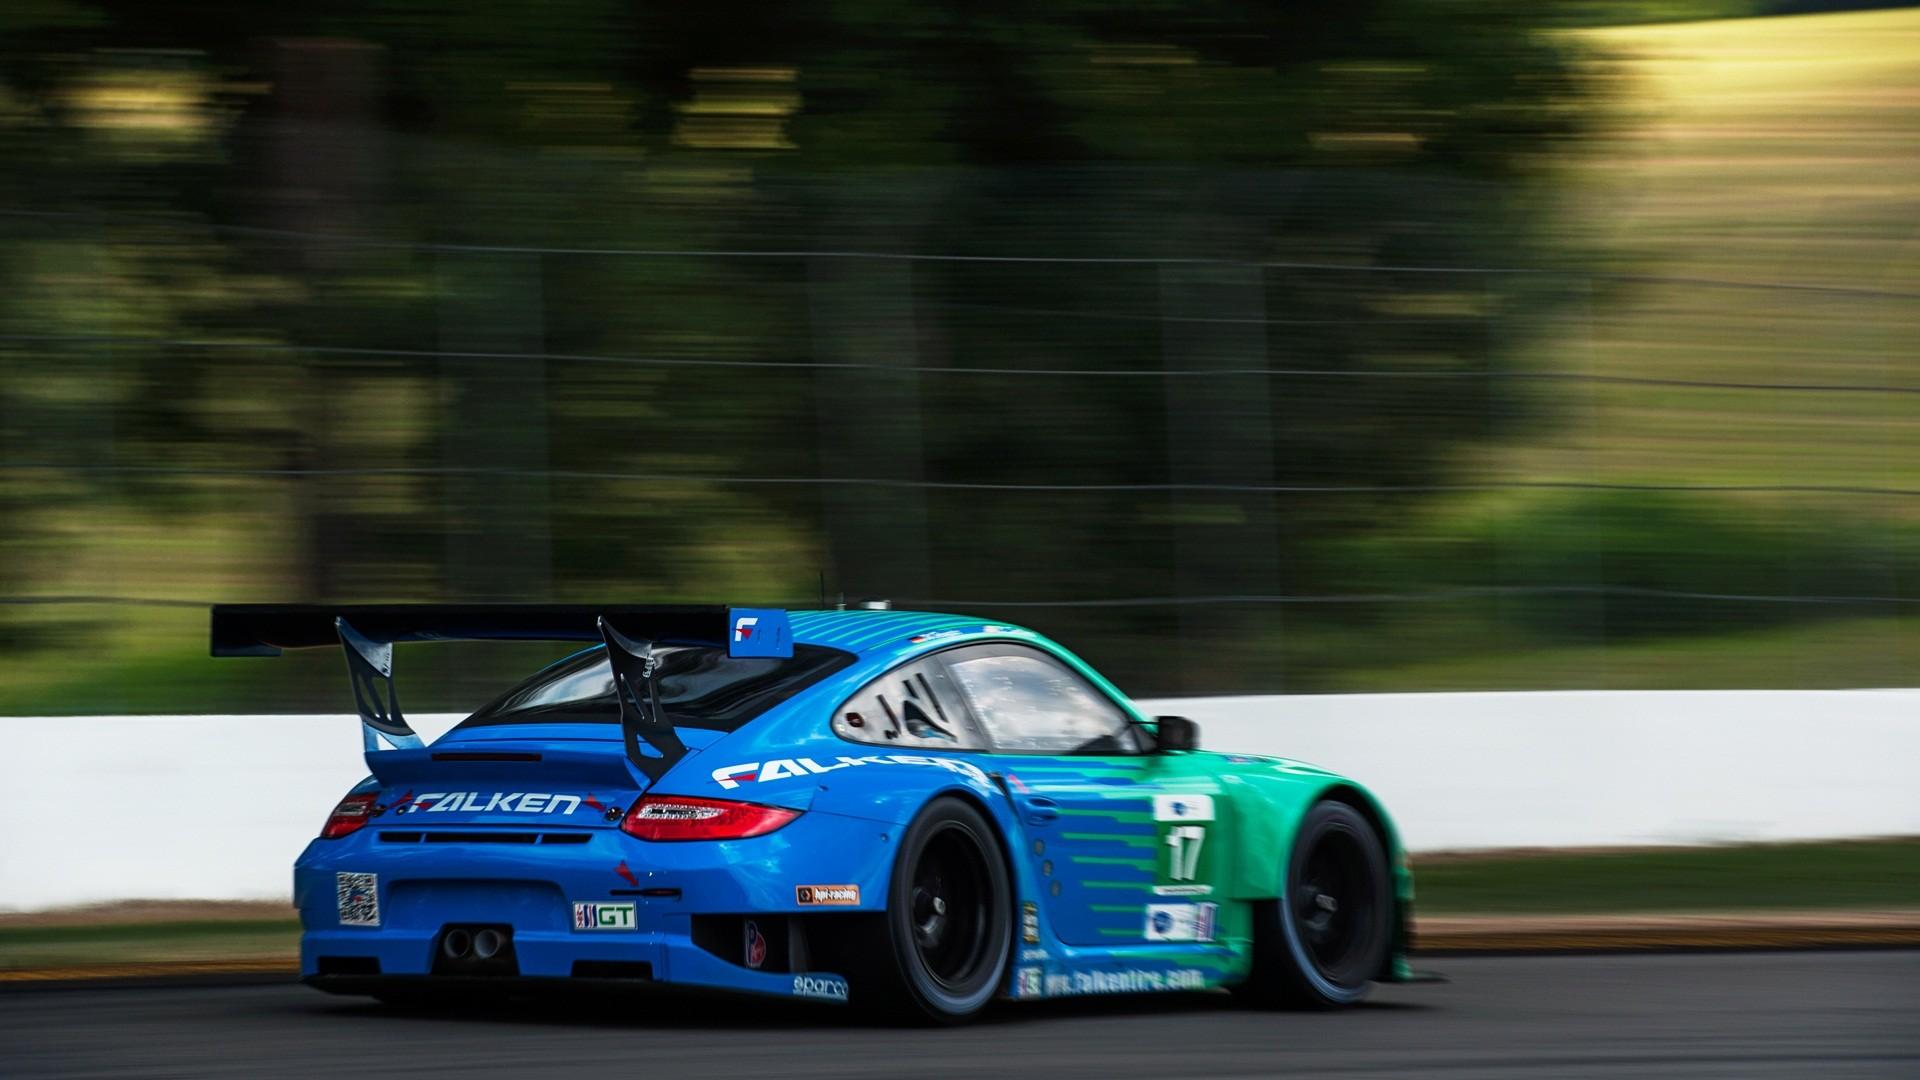 Porsche 911 spyder wallpaper